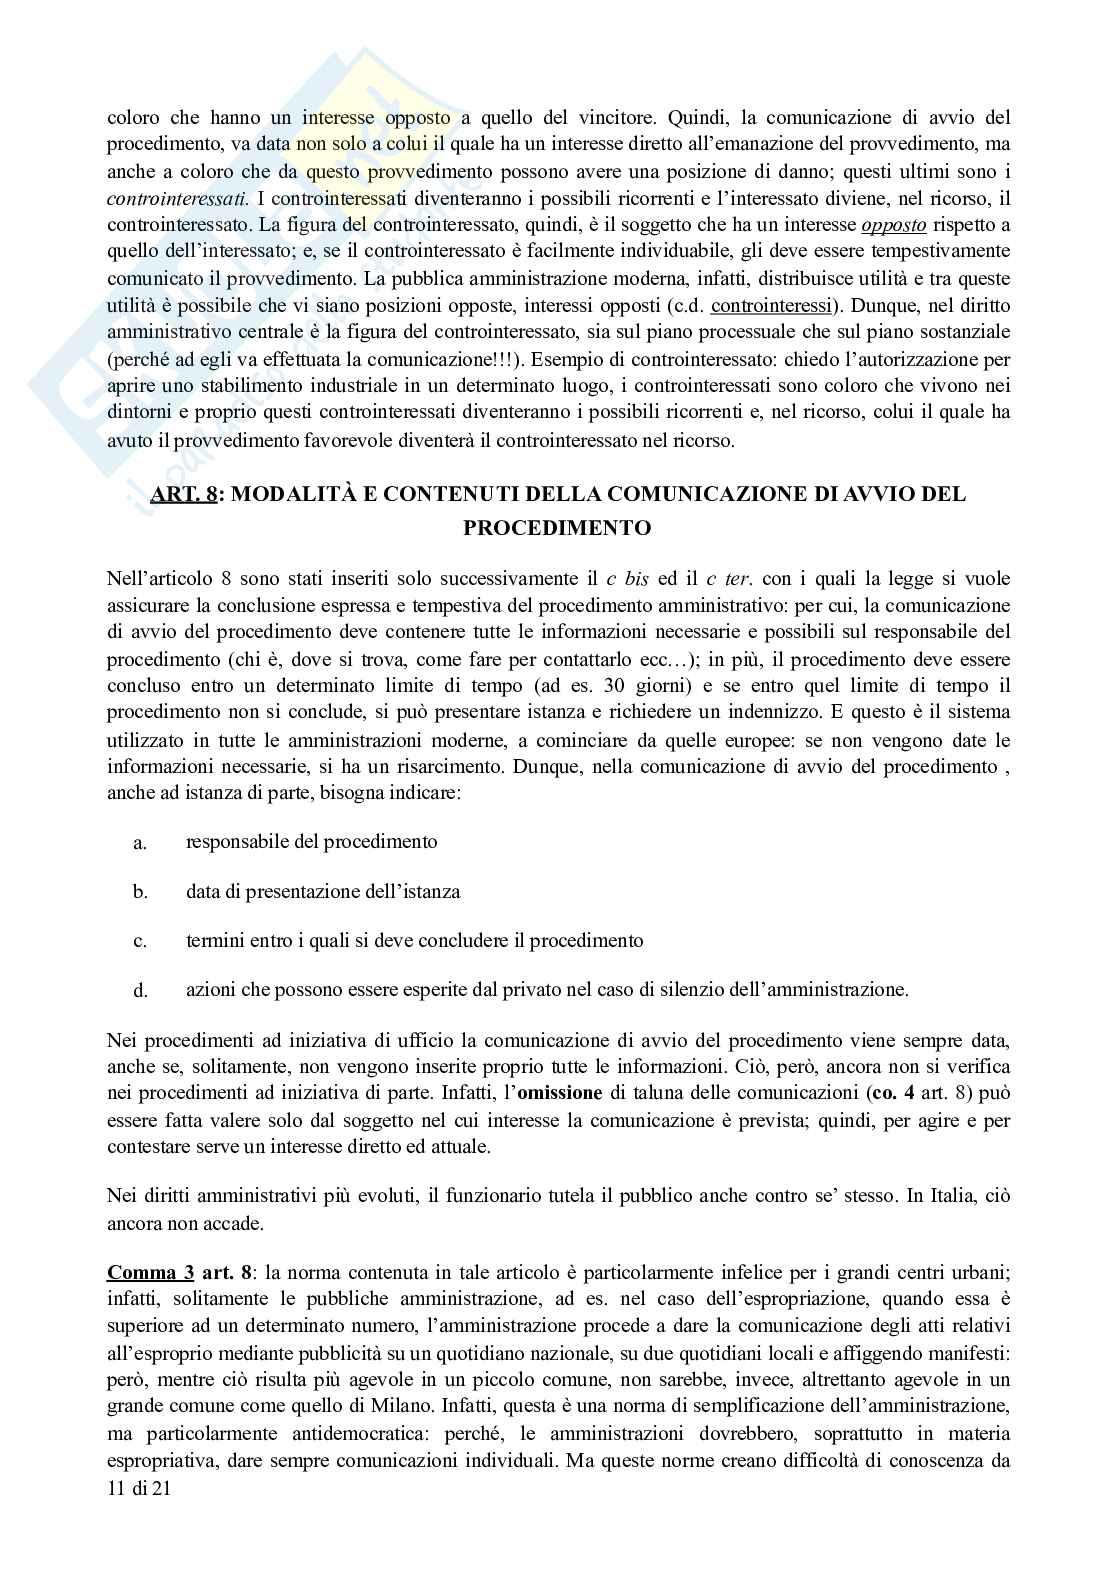 Appunti di Diritto Amministrativo: legge sul procedimento amministrativo (L. 241/1990) commentata Pag. 11